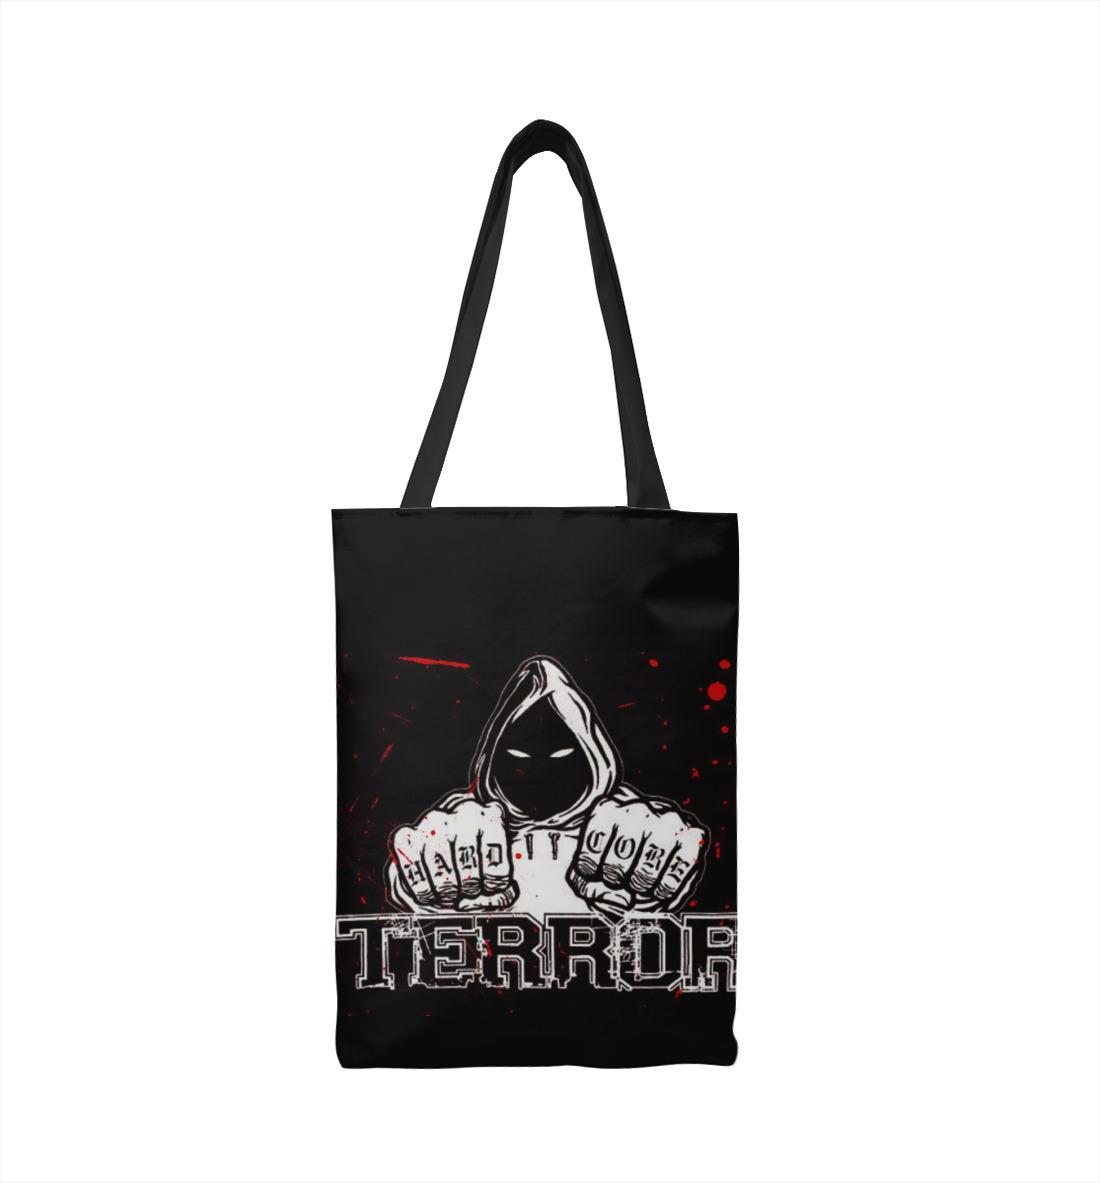 Hardcore terror